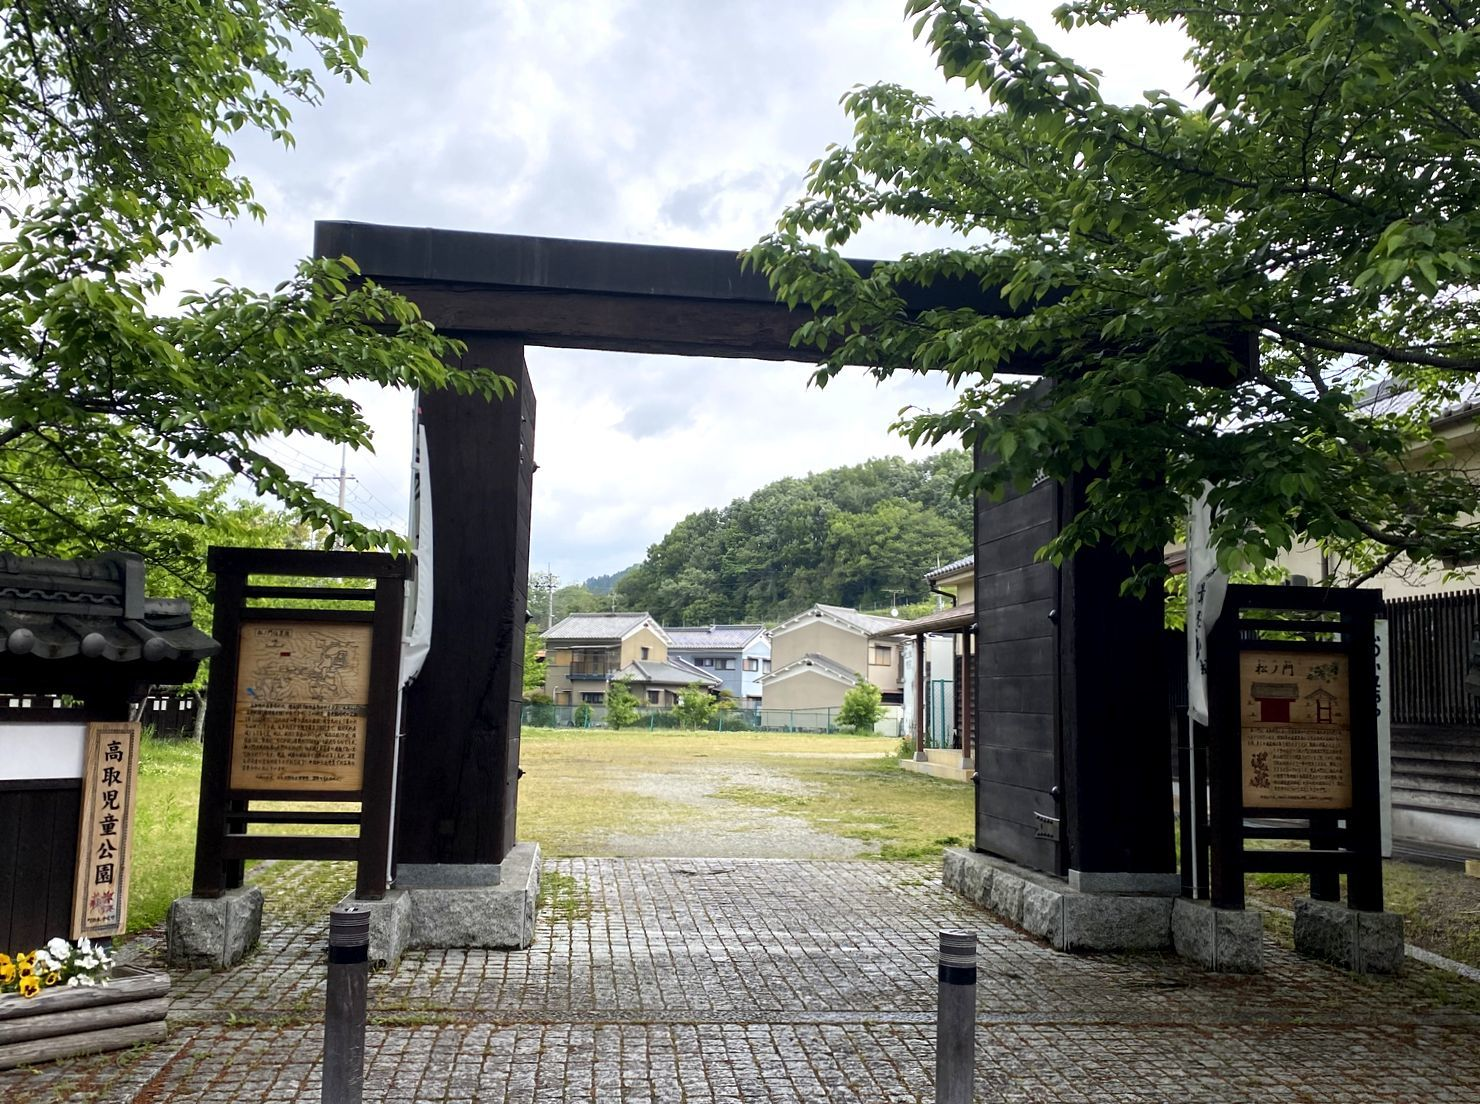 清水谷から土佐へ(高取町)_a0237937_14061653.jpg